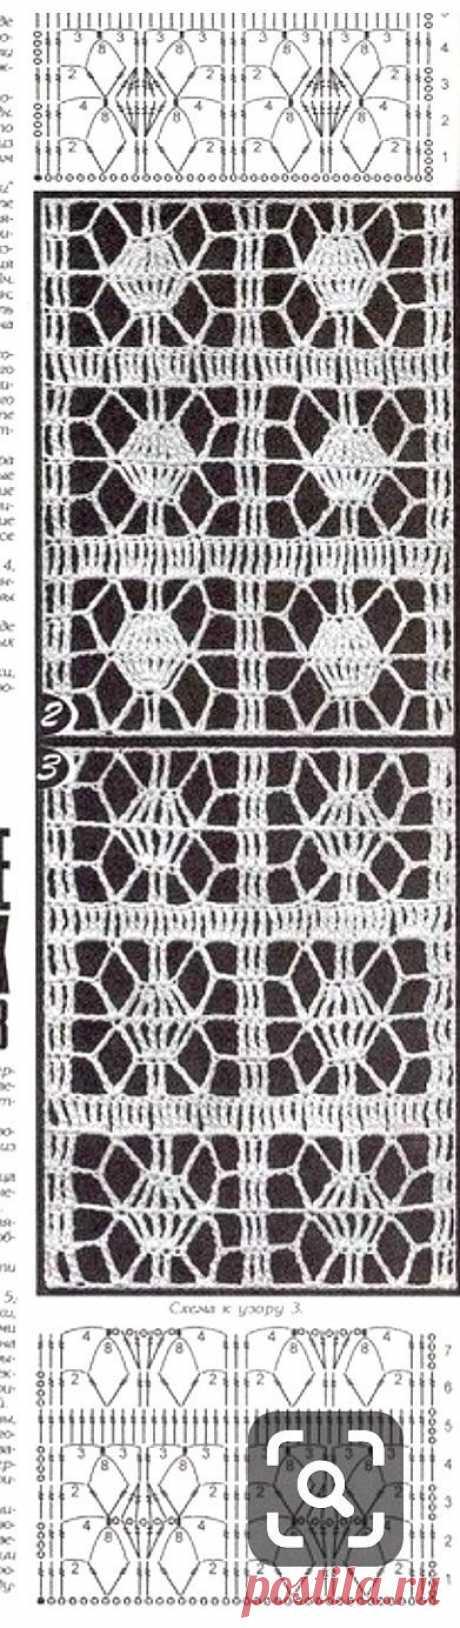 (1228) Pinterest